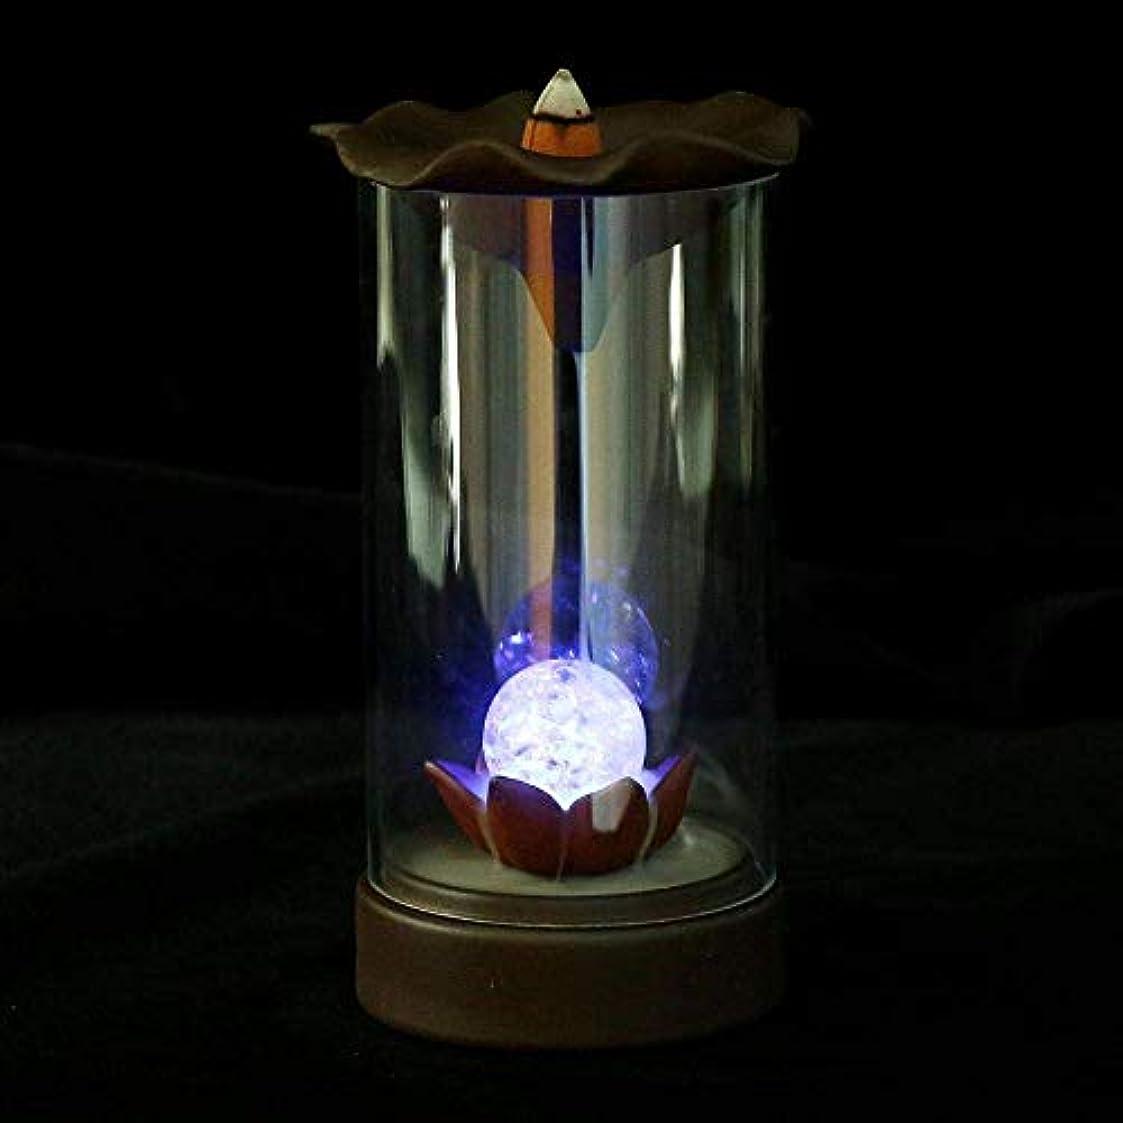 バッフル連鎖ピックYYW お香立て 逆流香炉 滝 煙 LEDライト お香ホルダー コーン 自宅 オフィス 装飾 10個のコーン付き